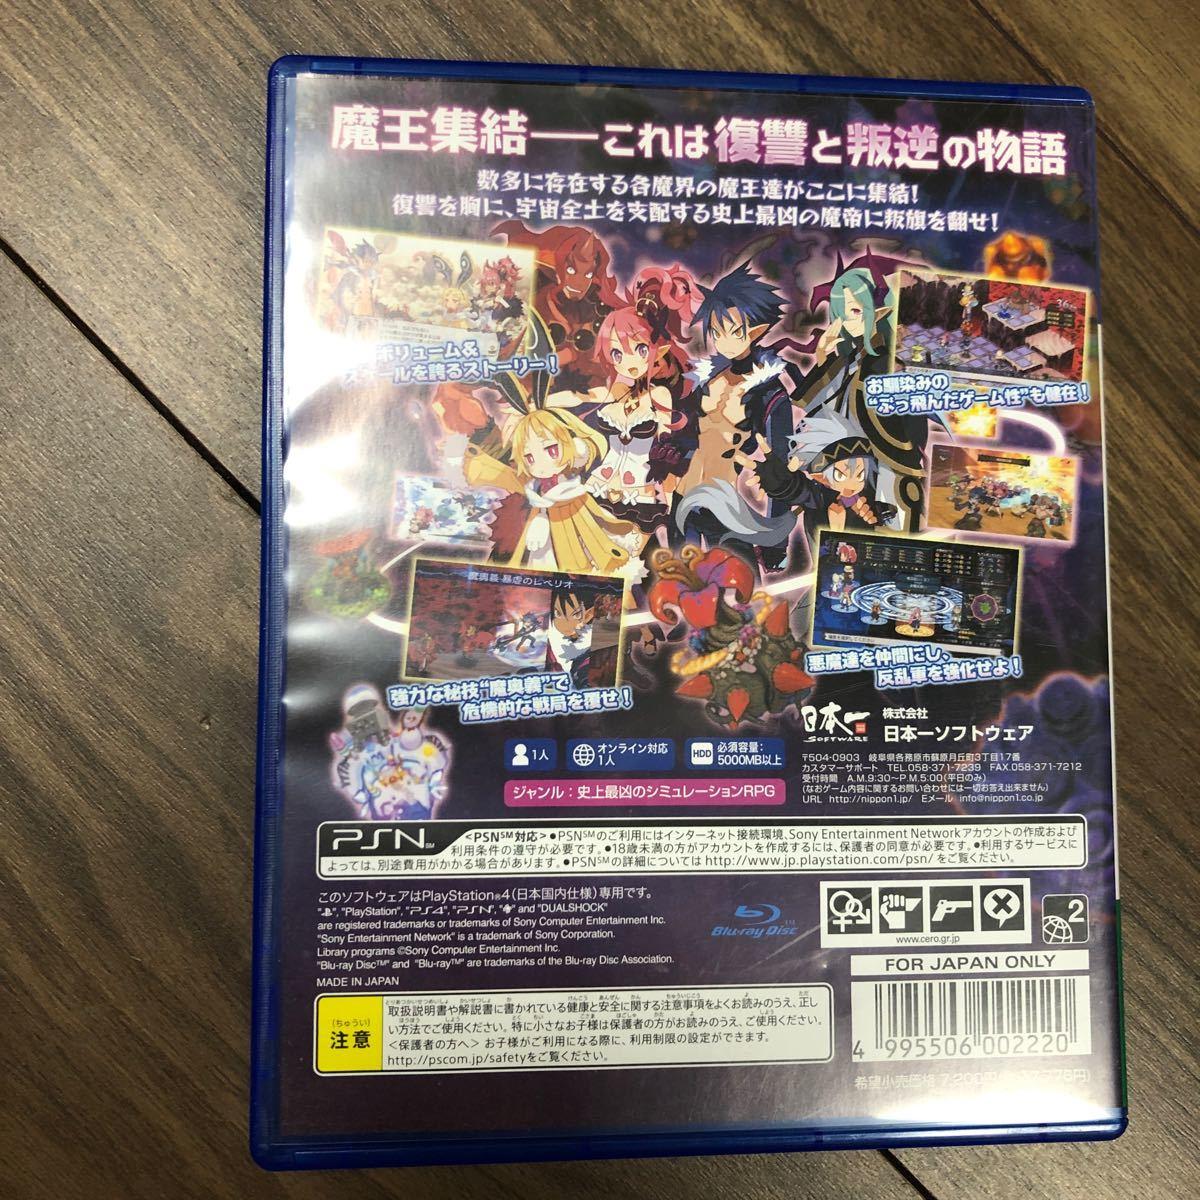 【PS4】 魔界戦記ディスガイア5 [通常版]特典コード未使用